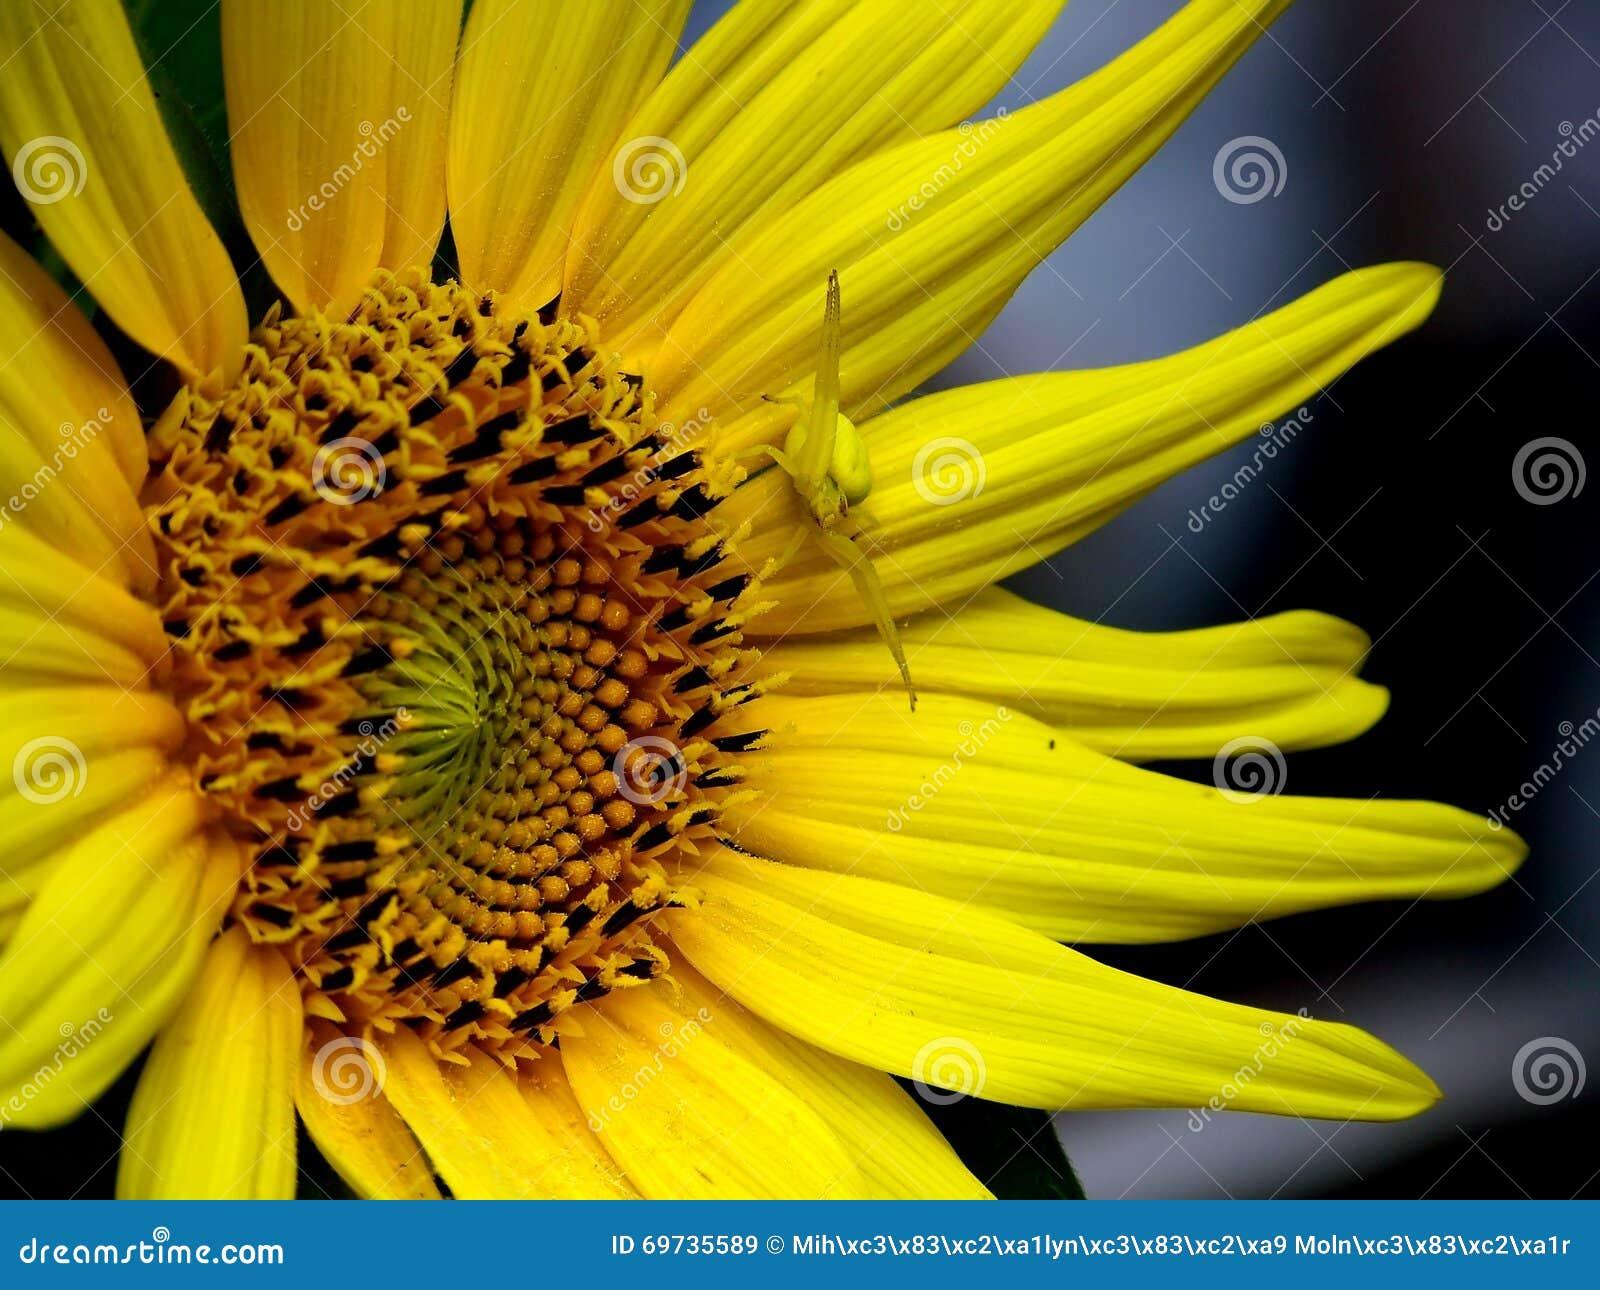 gelbe blume gelbe spinne stockbild bild von d0 threaten. Black Bedroom Furniture Sets. Home Design Ideas